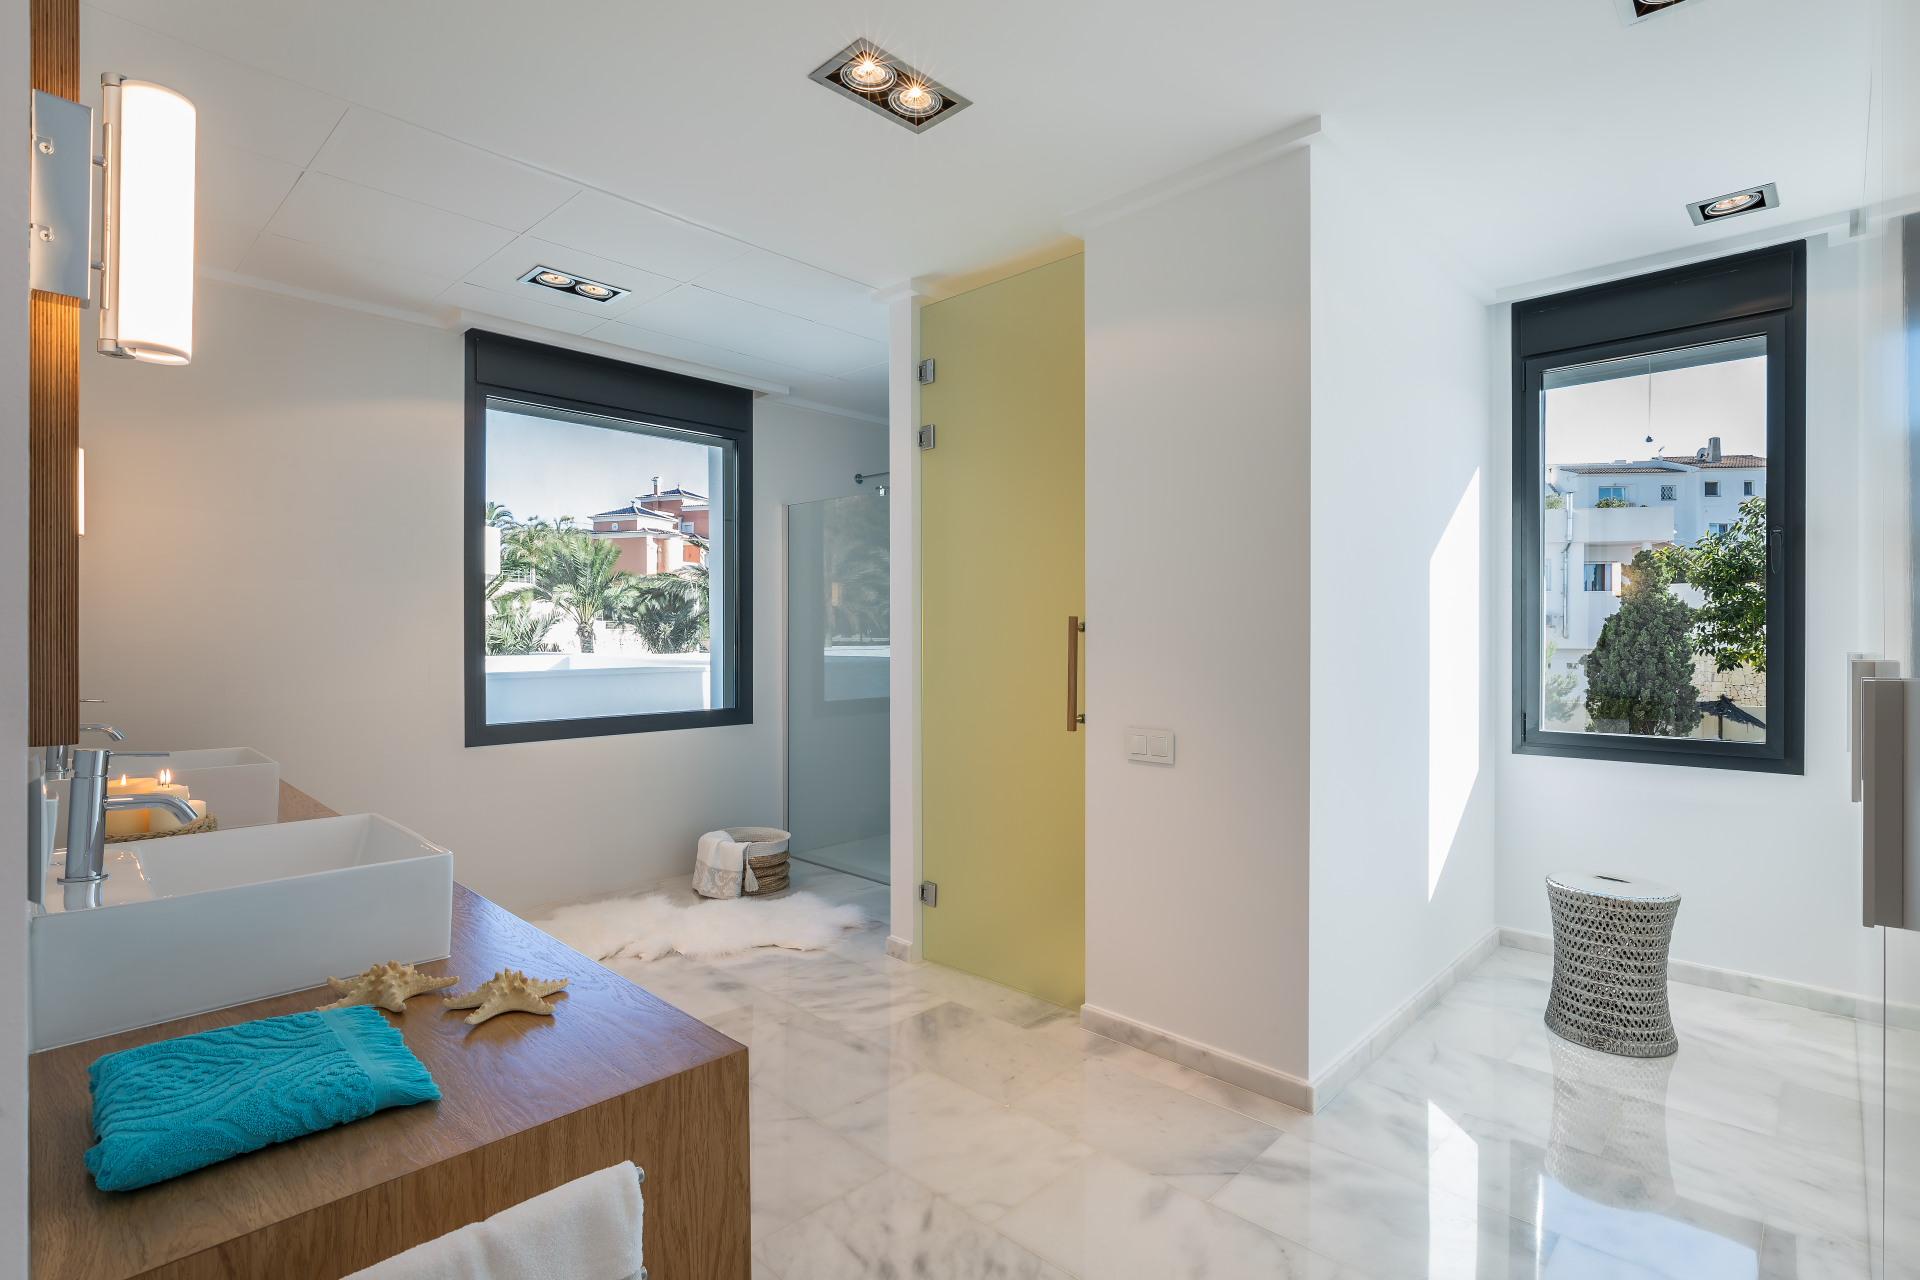 fotografia-arquitectura-interiorismo-valencia-alicante-moraira-german-cabo-laura-yerpes (42)